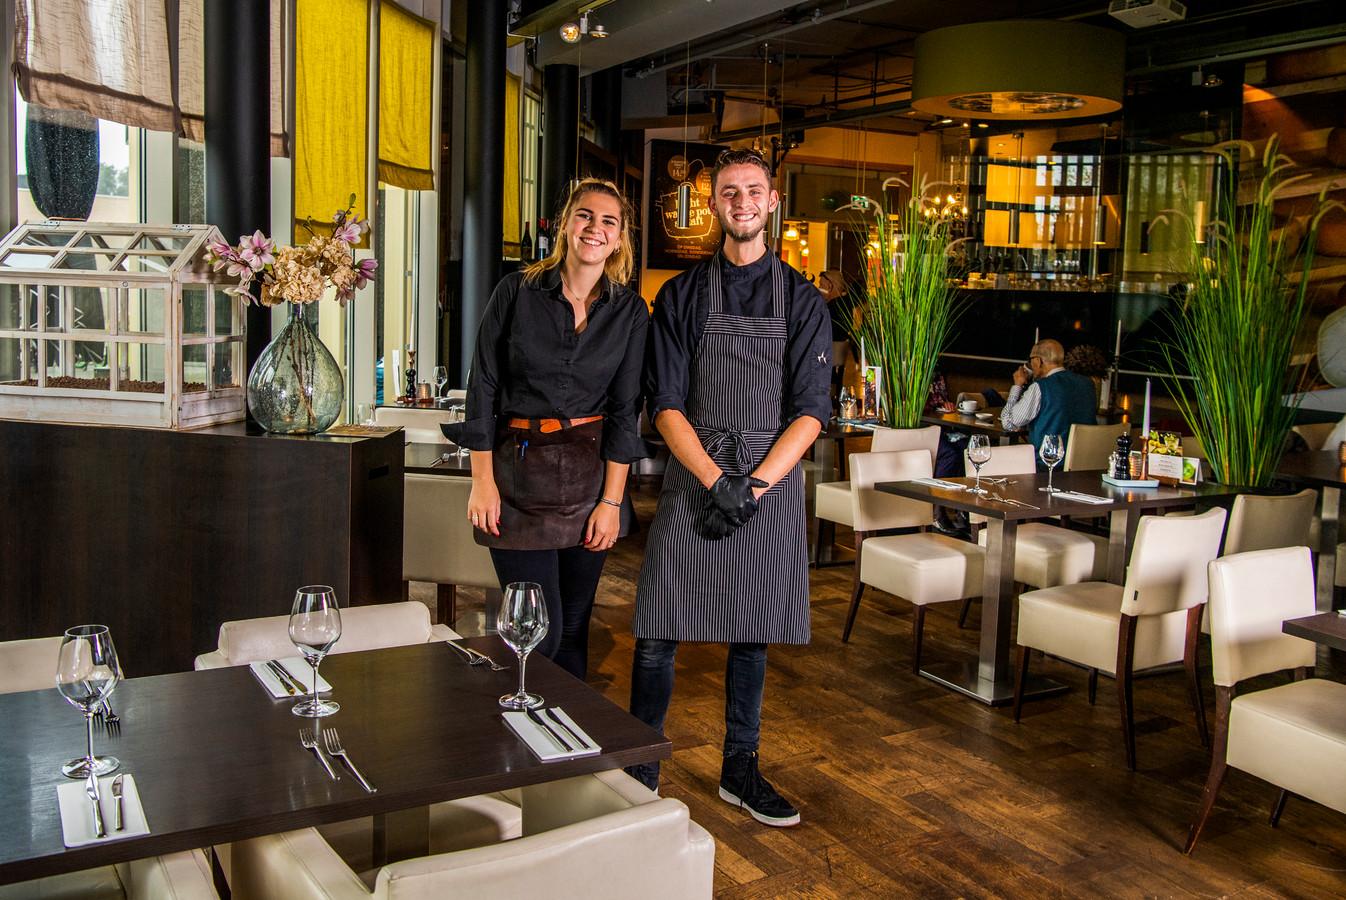 Medewerkers Silke van den Hoek (bediening) en Dion de Bruin - werkzaam in de keuken - van grand café Eight in Alphen.